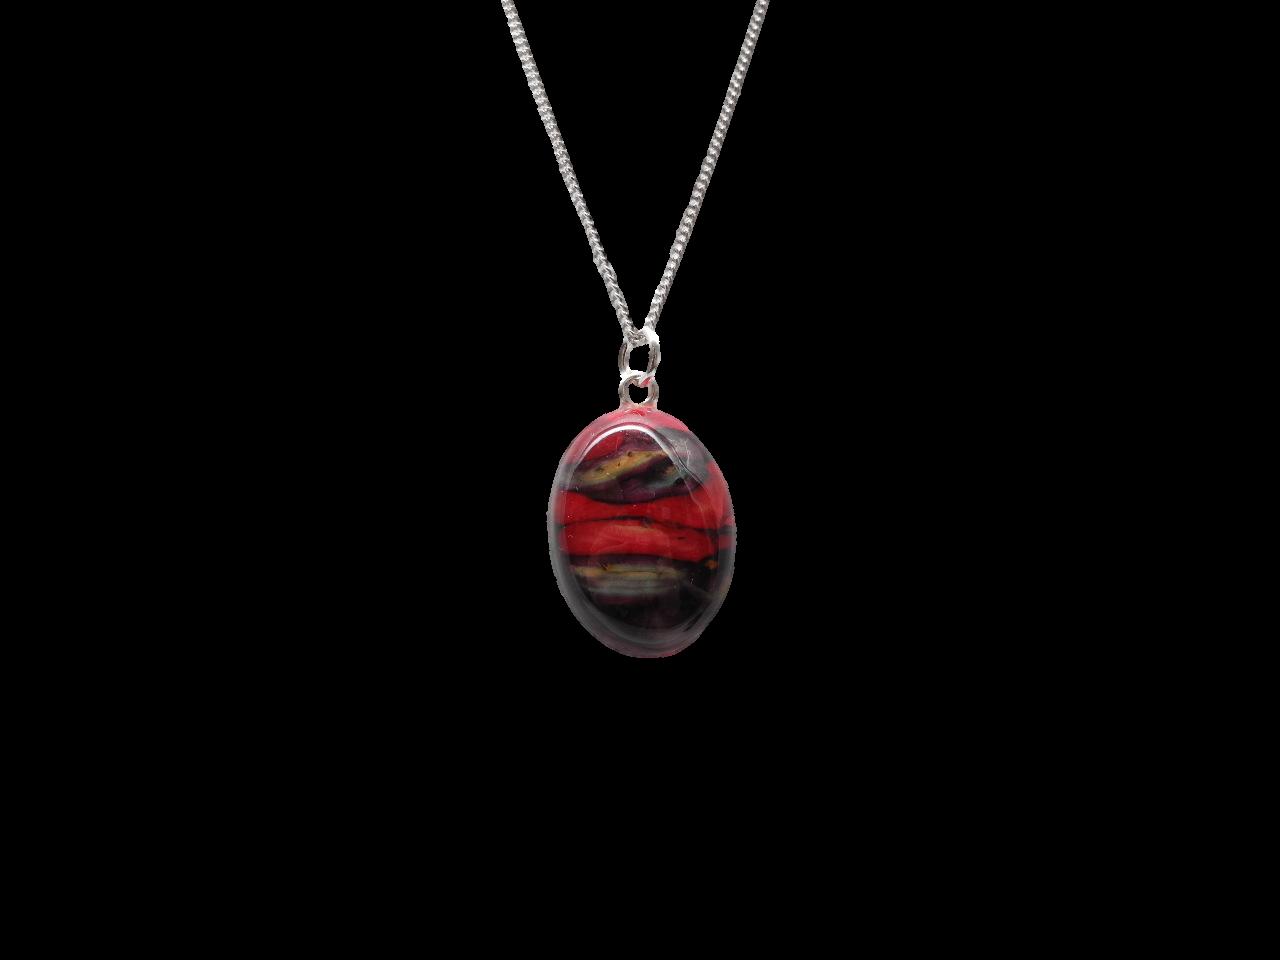 scottish pendant necklace heathergem oval